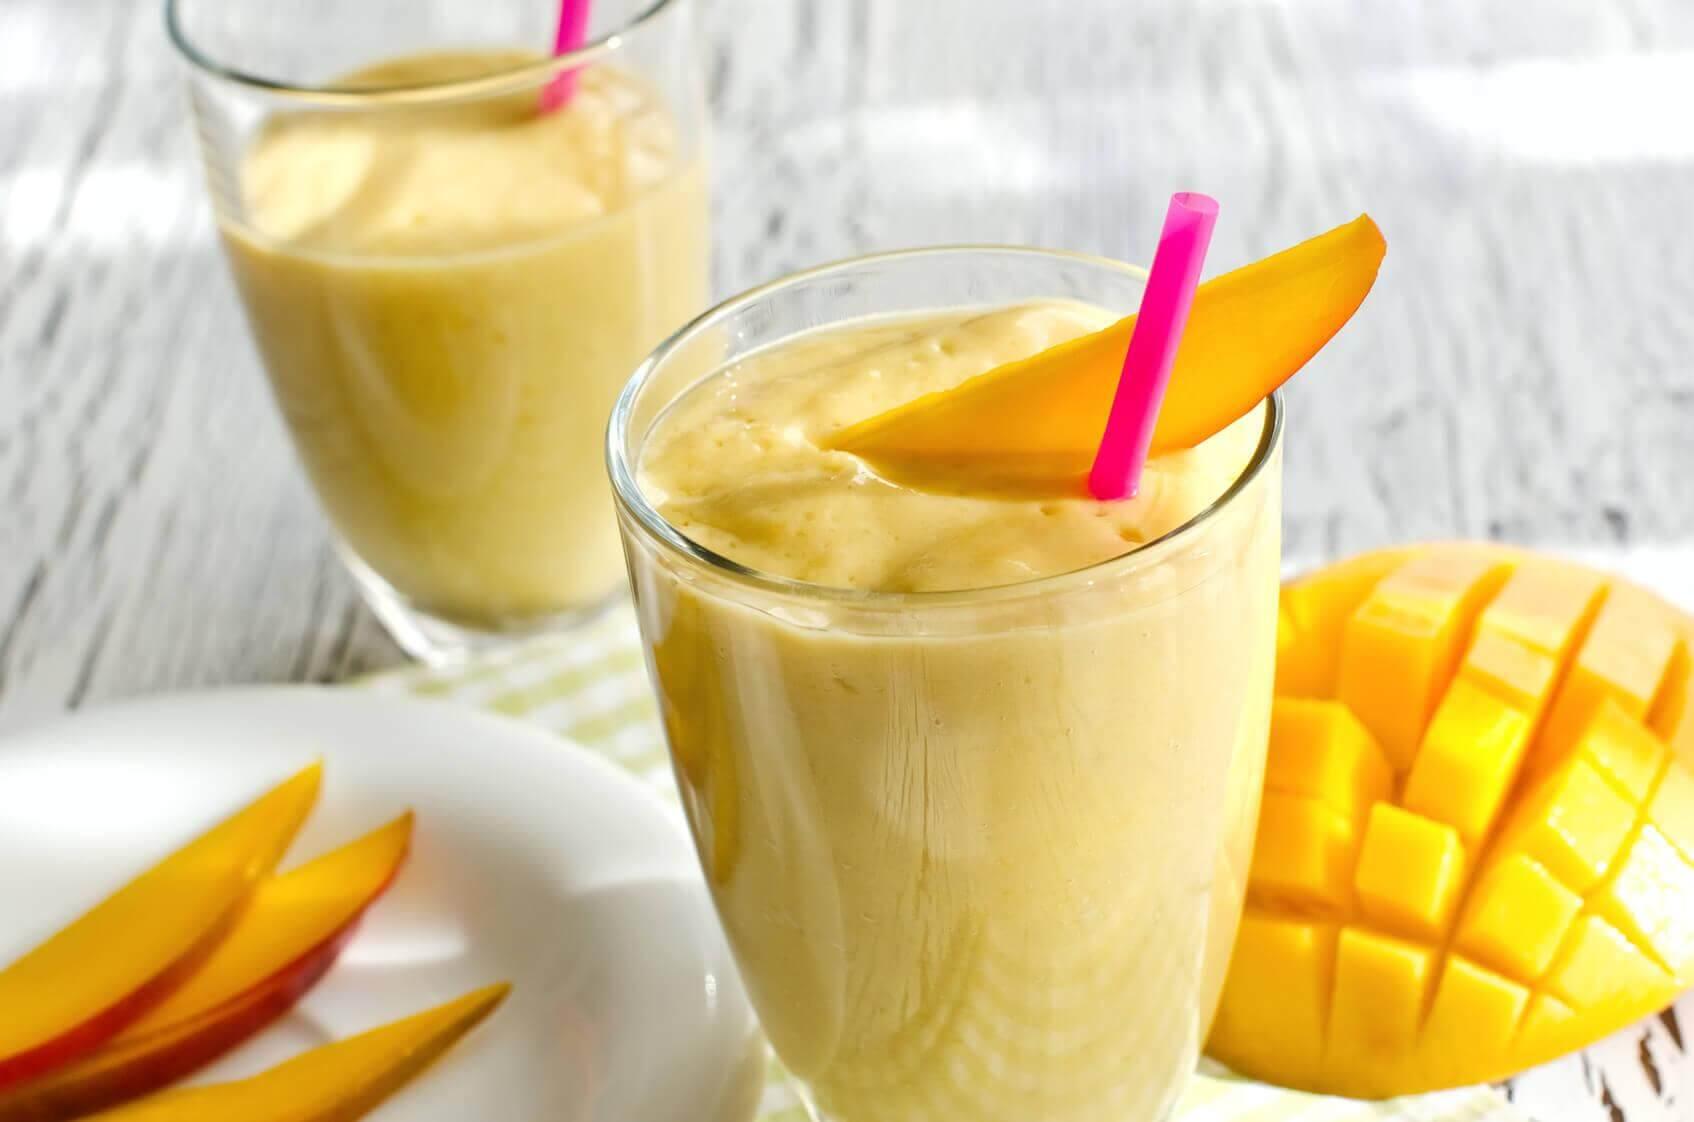 Makkelijke reinigende wortelsmoothies met mango